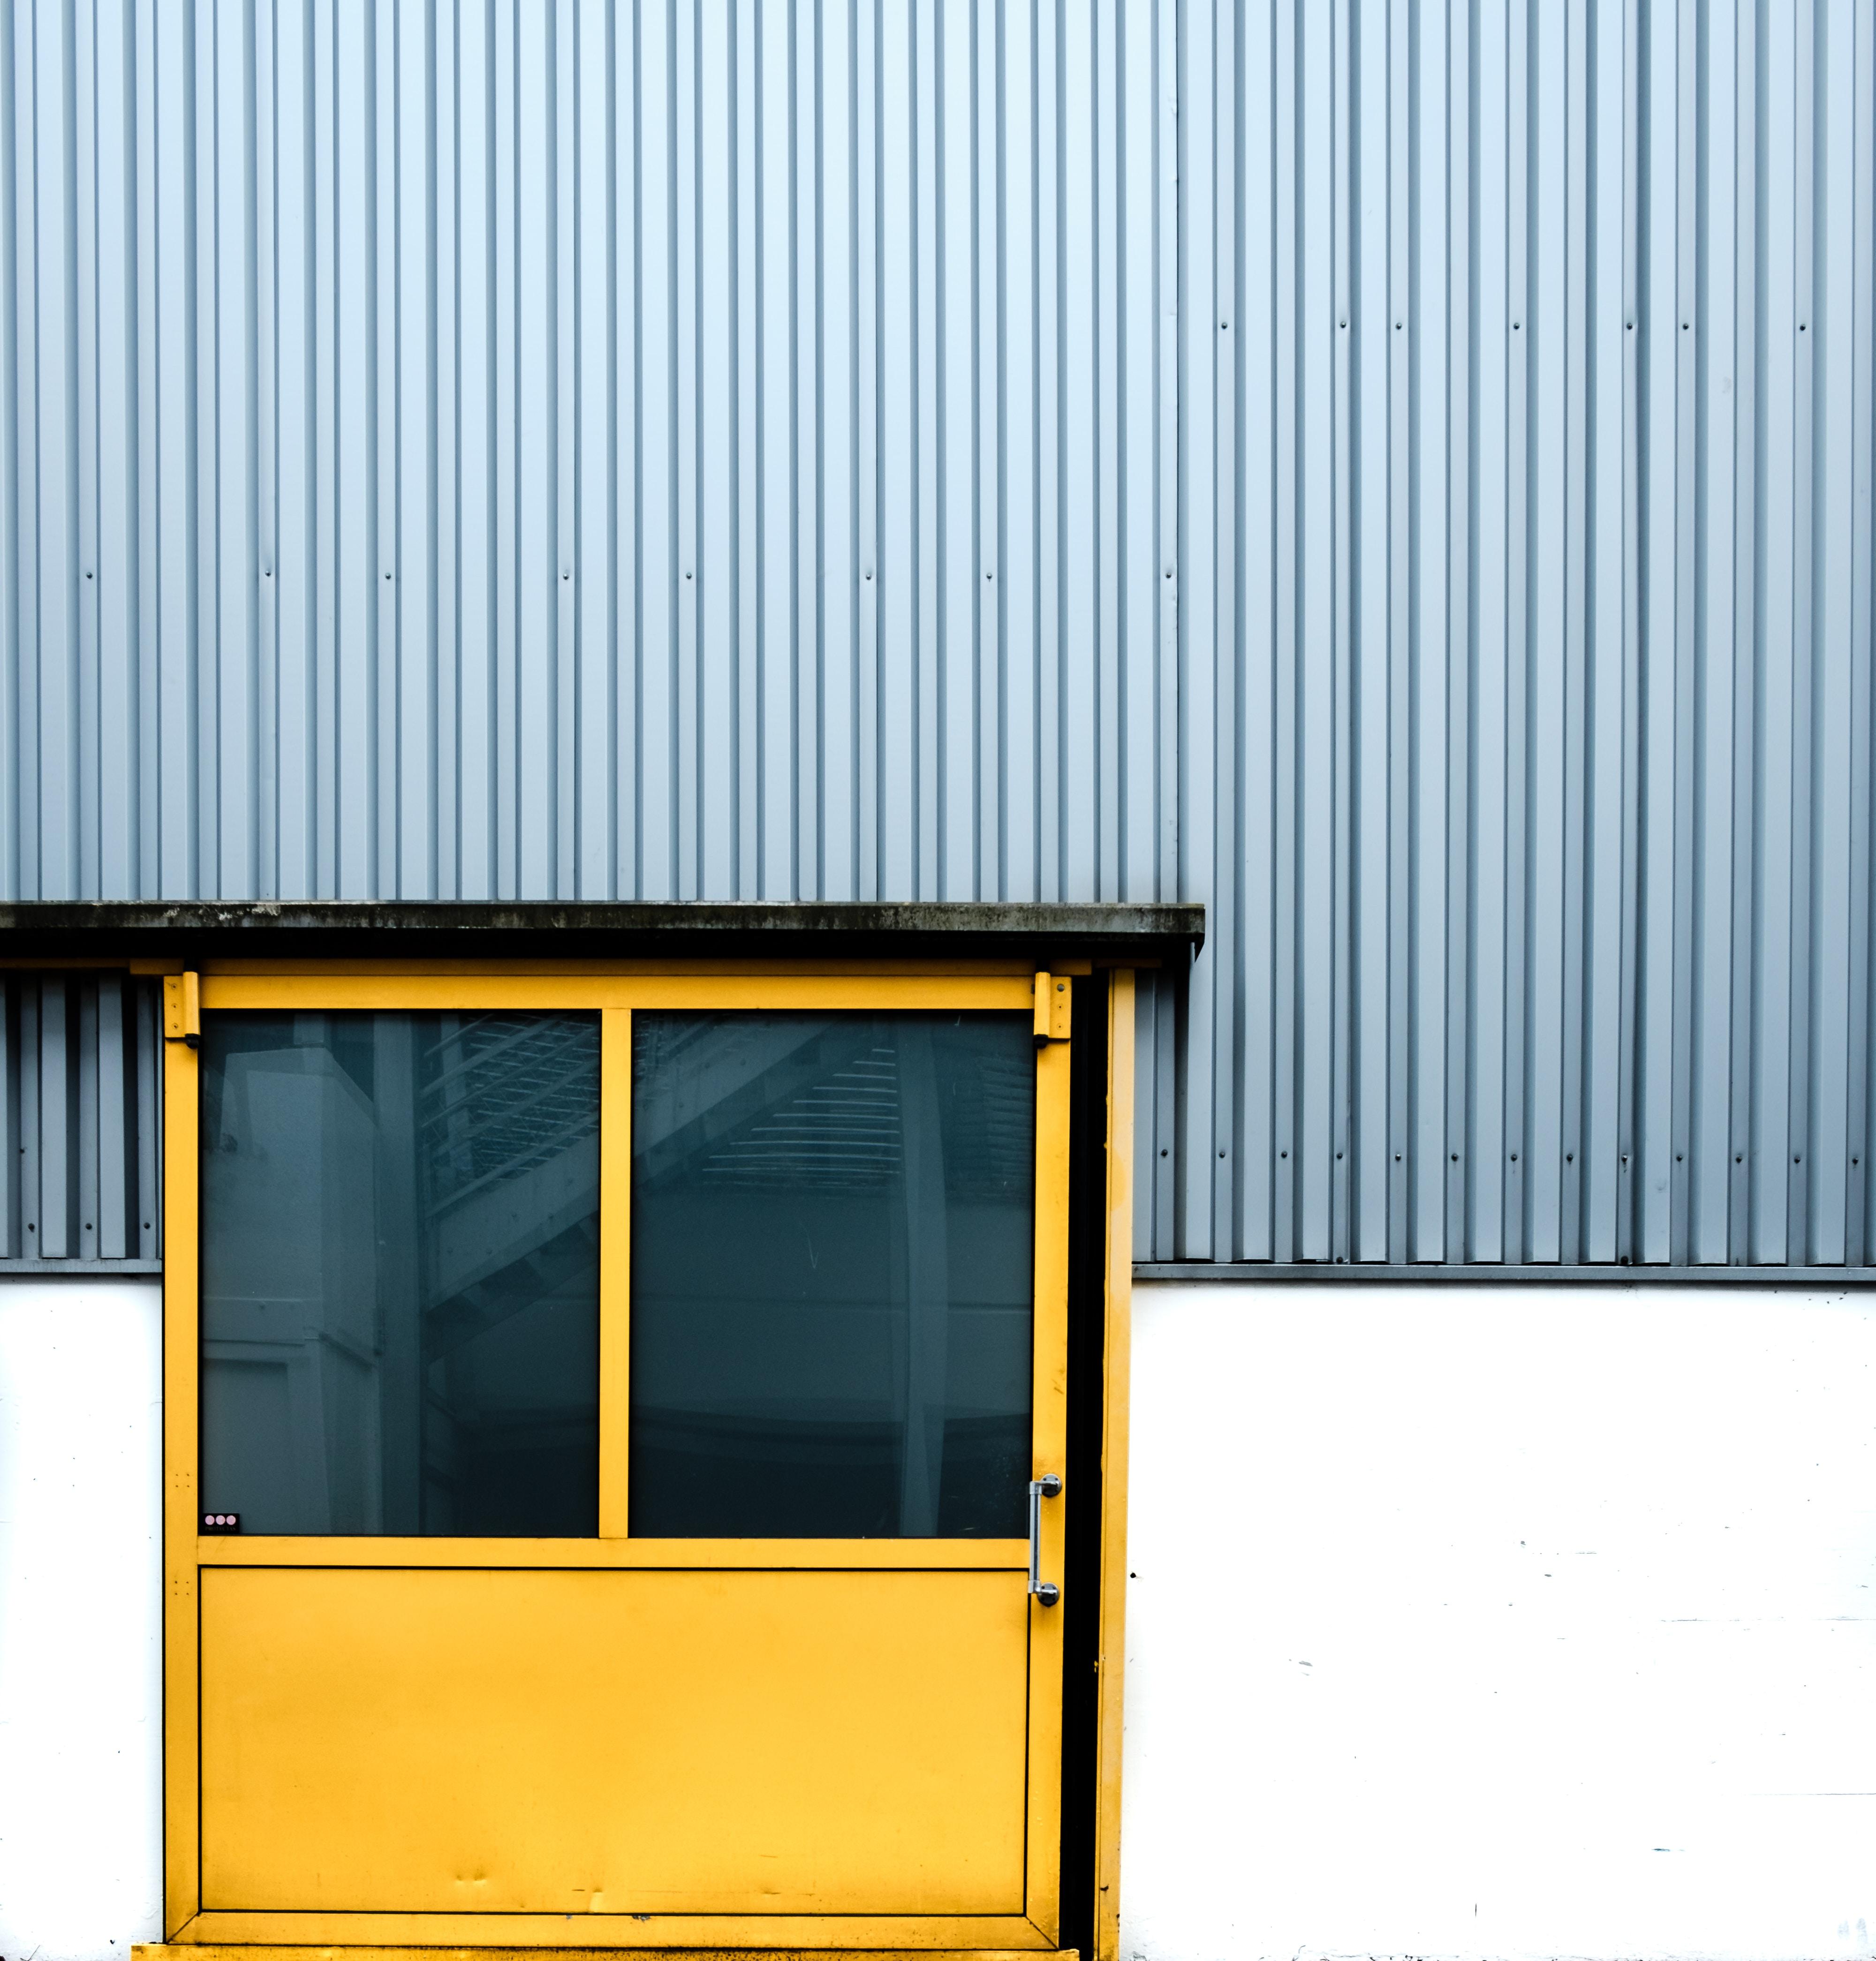 closed yellow metal door